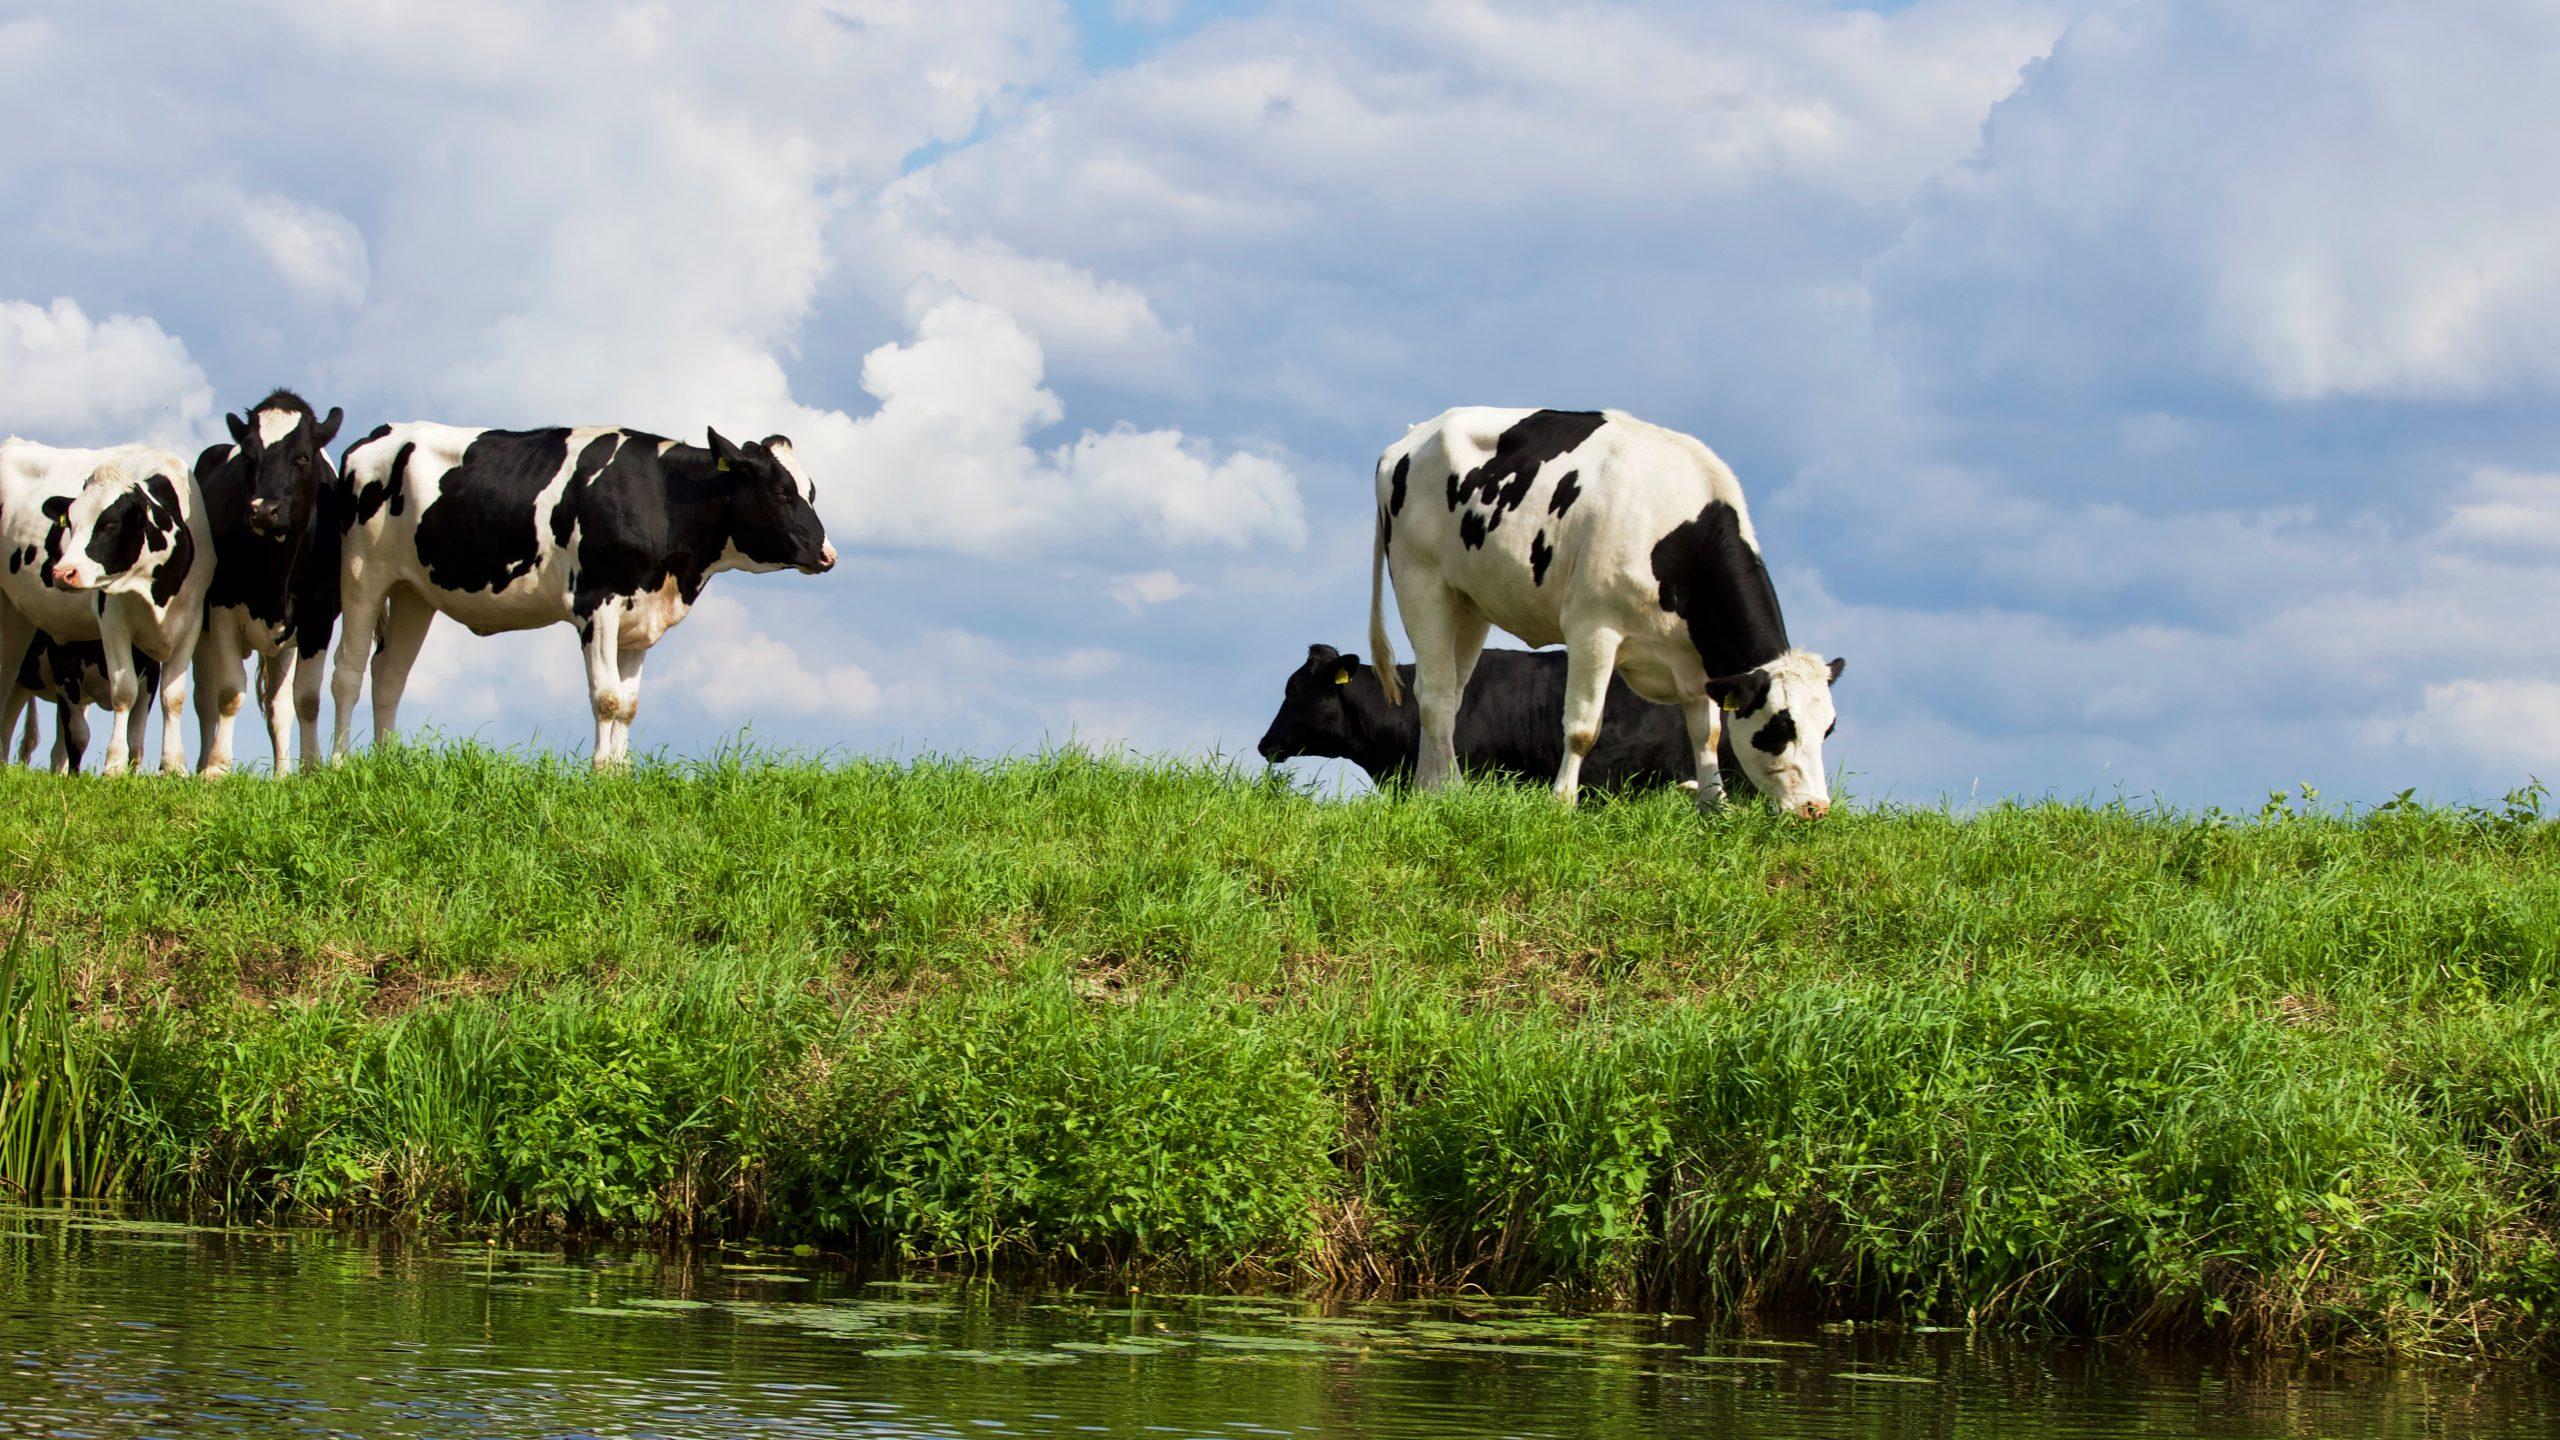 Verhuizen naar het platteland, wie durft?